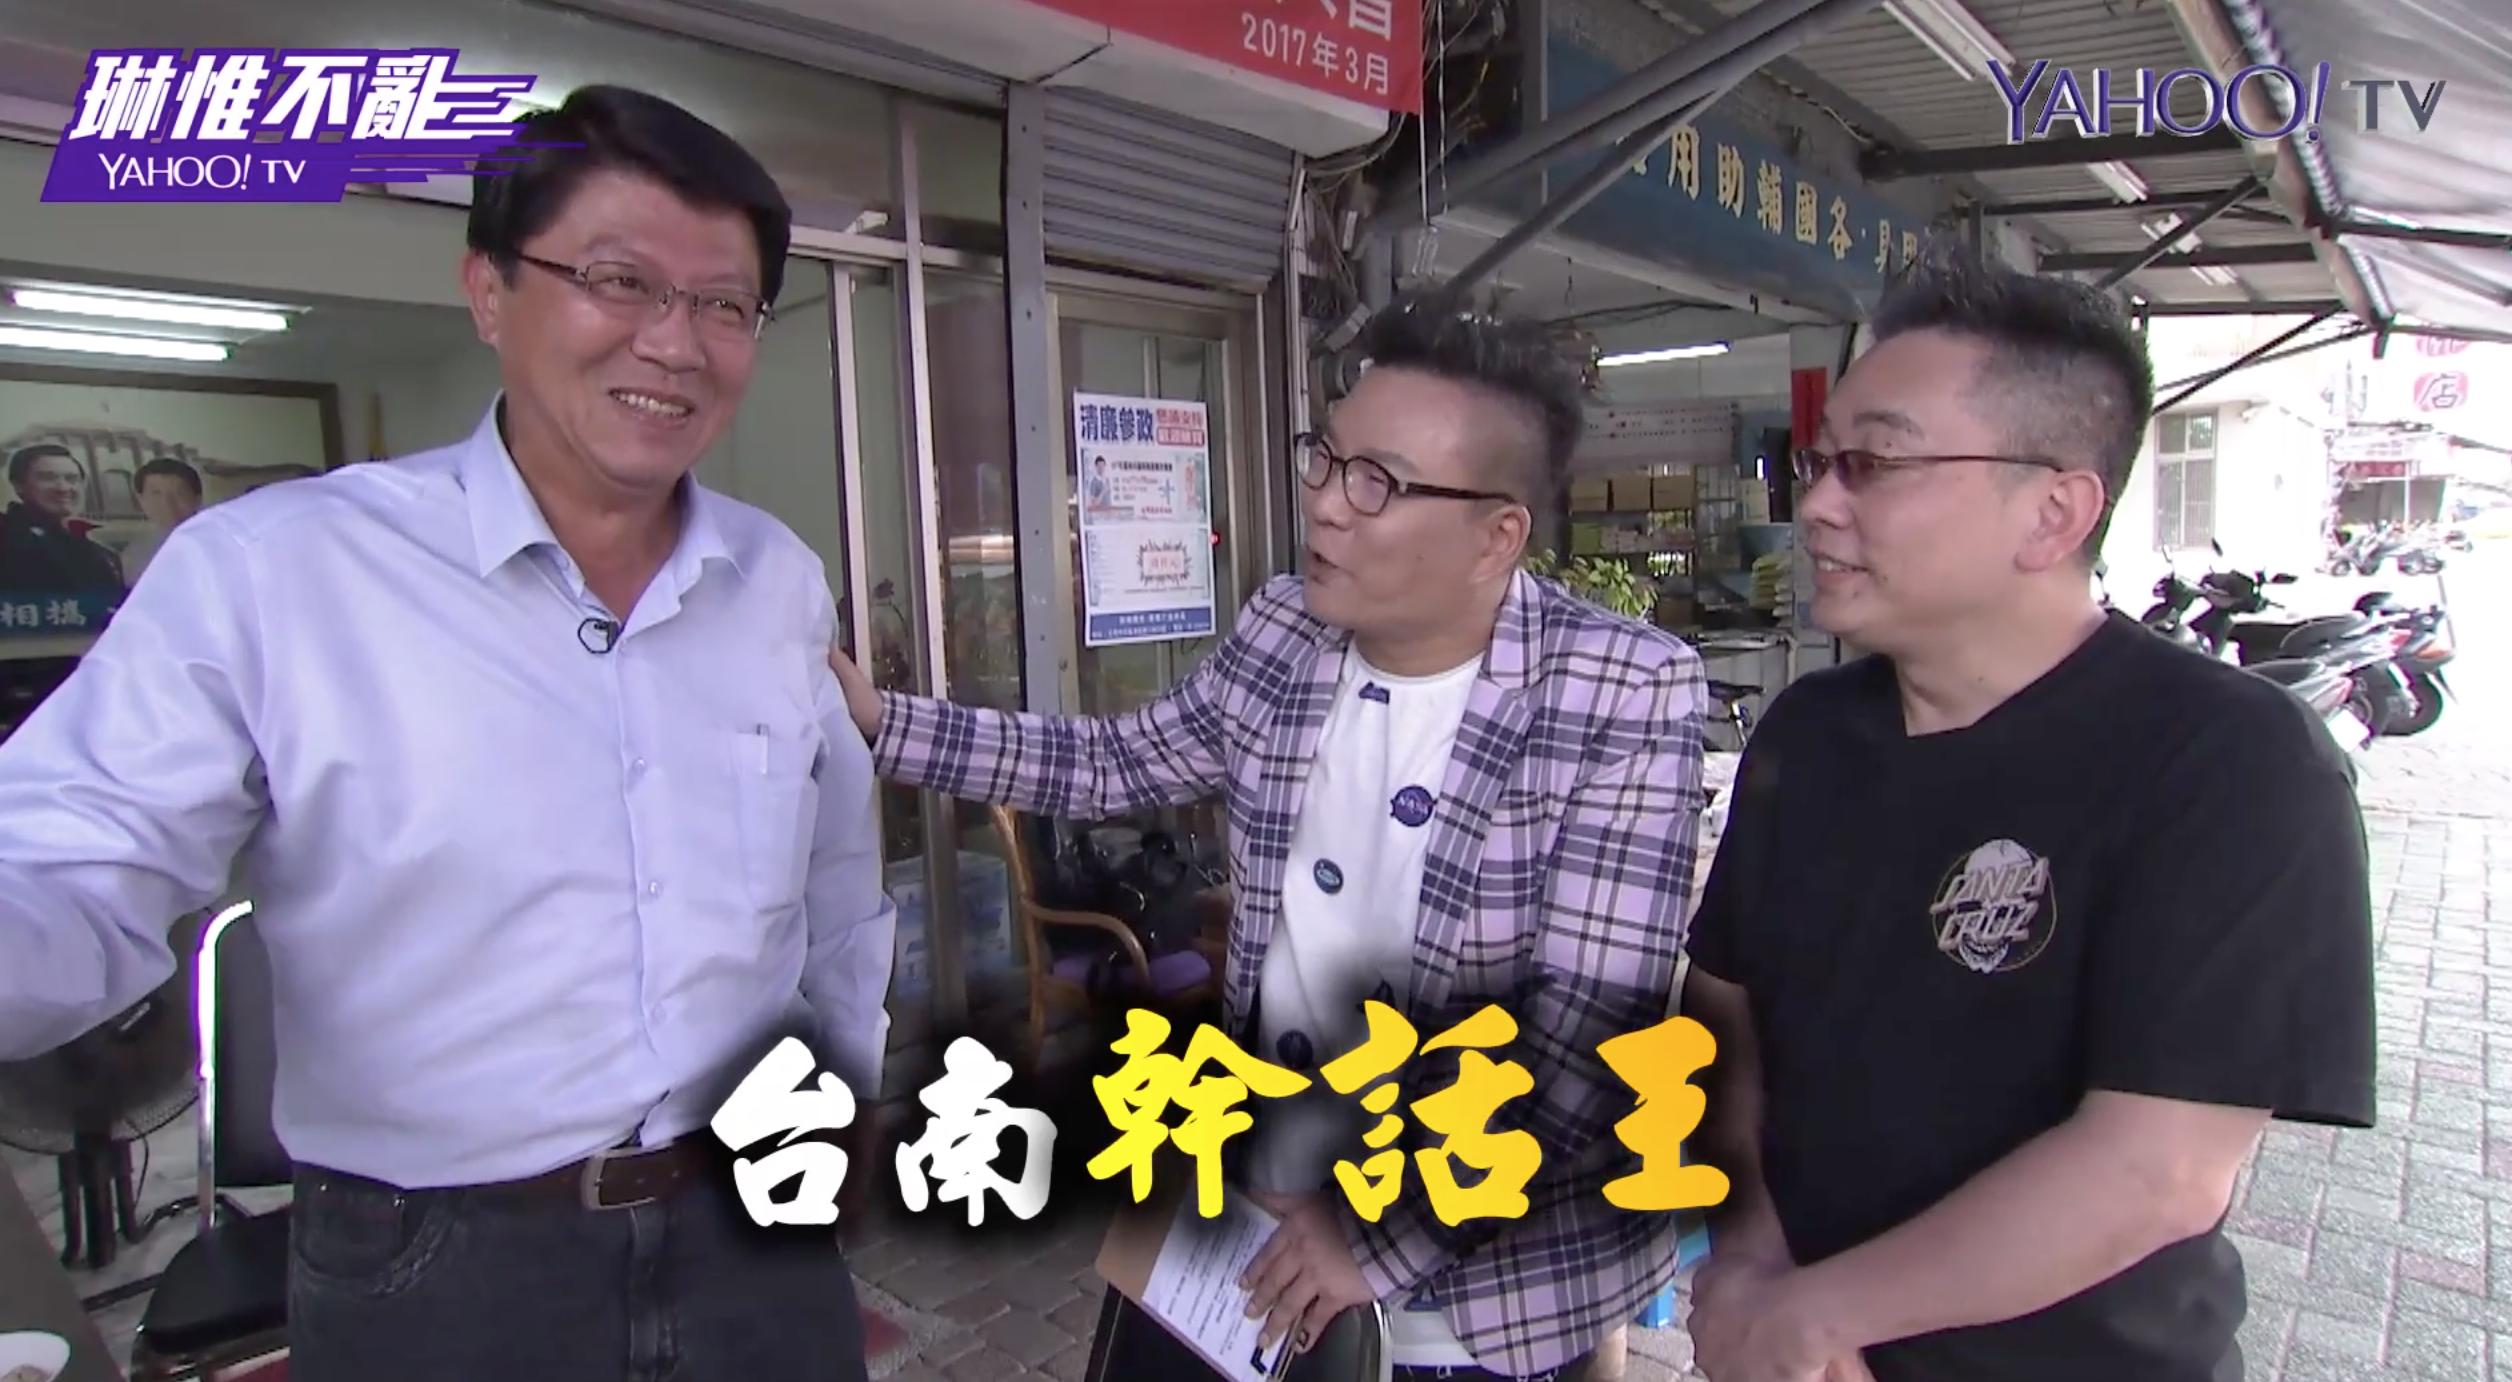 琳惟不亂看選戰 台南幹話王謝龍介來了